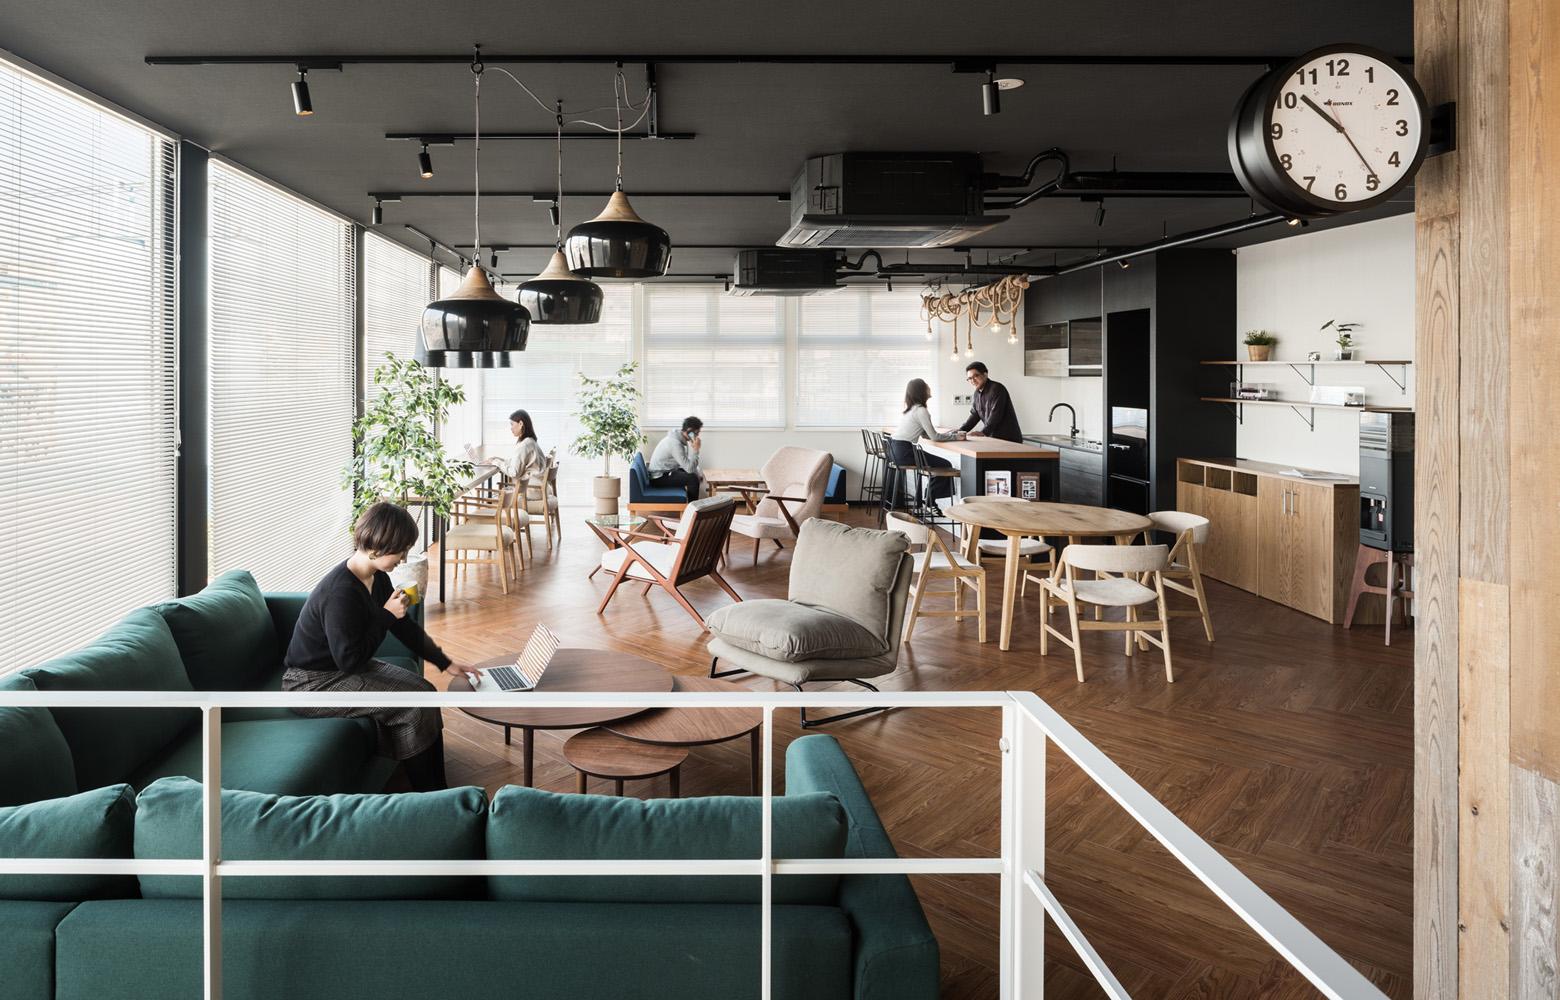 ベイラインエクスプレス株式会社 Lounge デザイン・レイアウト事例